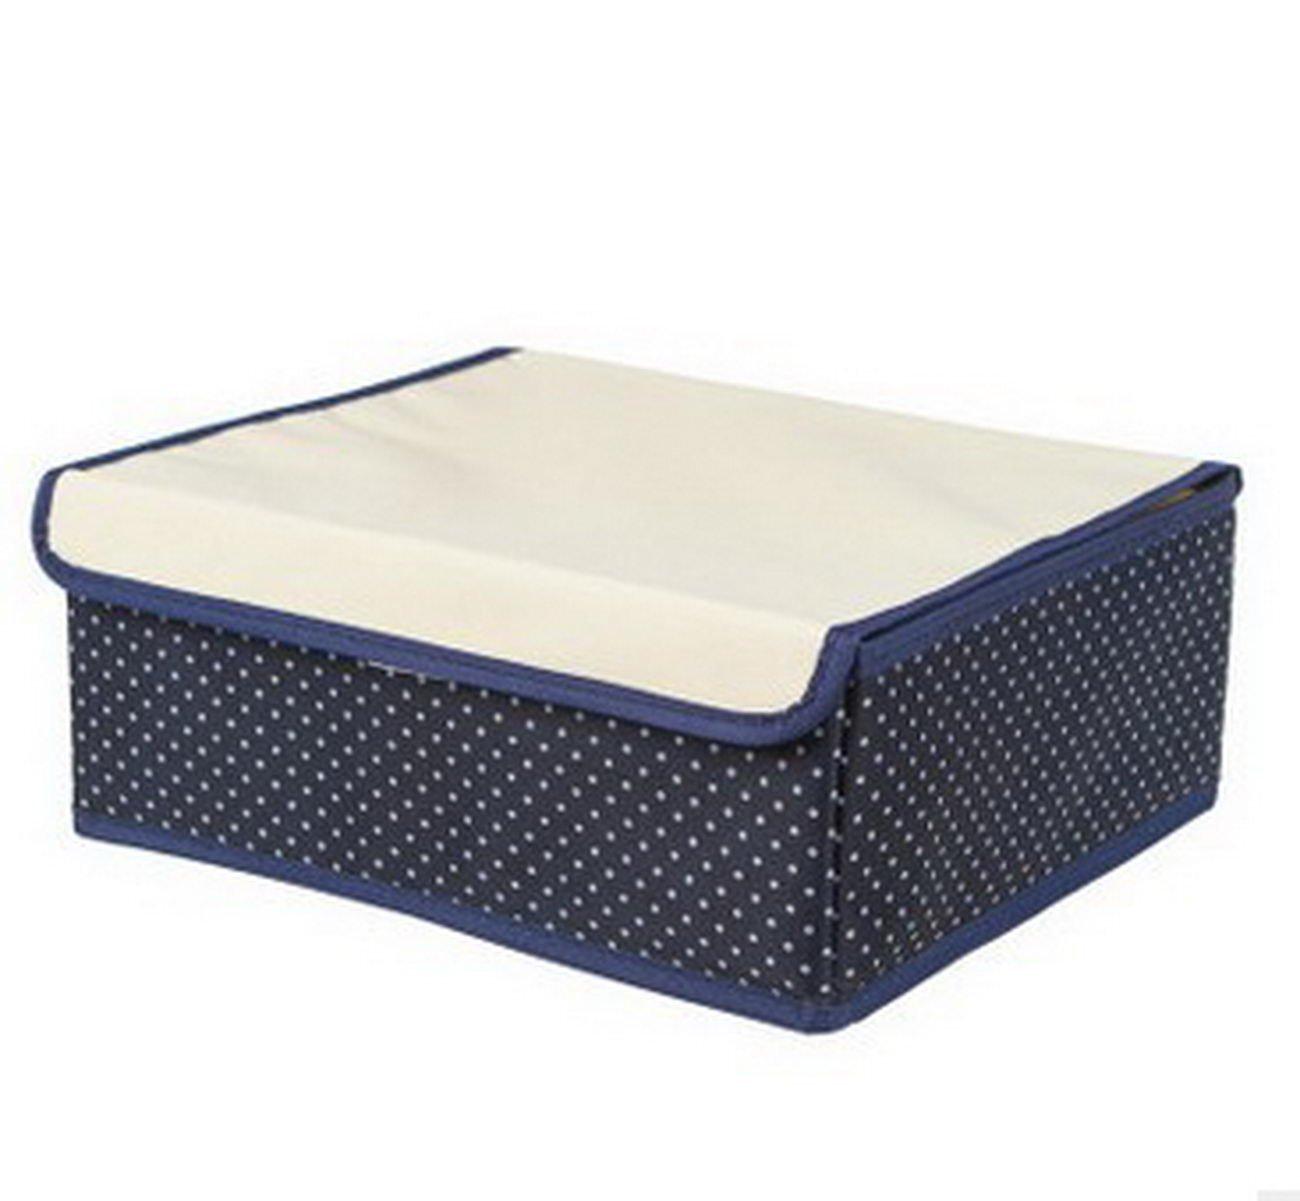 oxford cloth underwear storage box underwear storage box storage box folding storage box storage box underwear socks drawer combo , underwear storage box, folding storage box, oxford cloth underwear